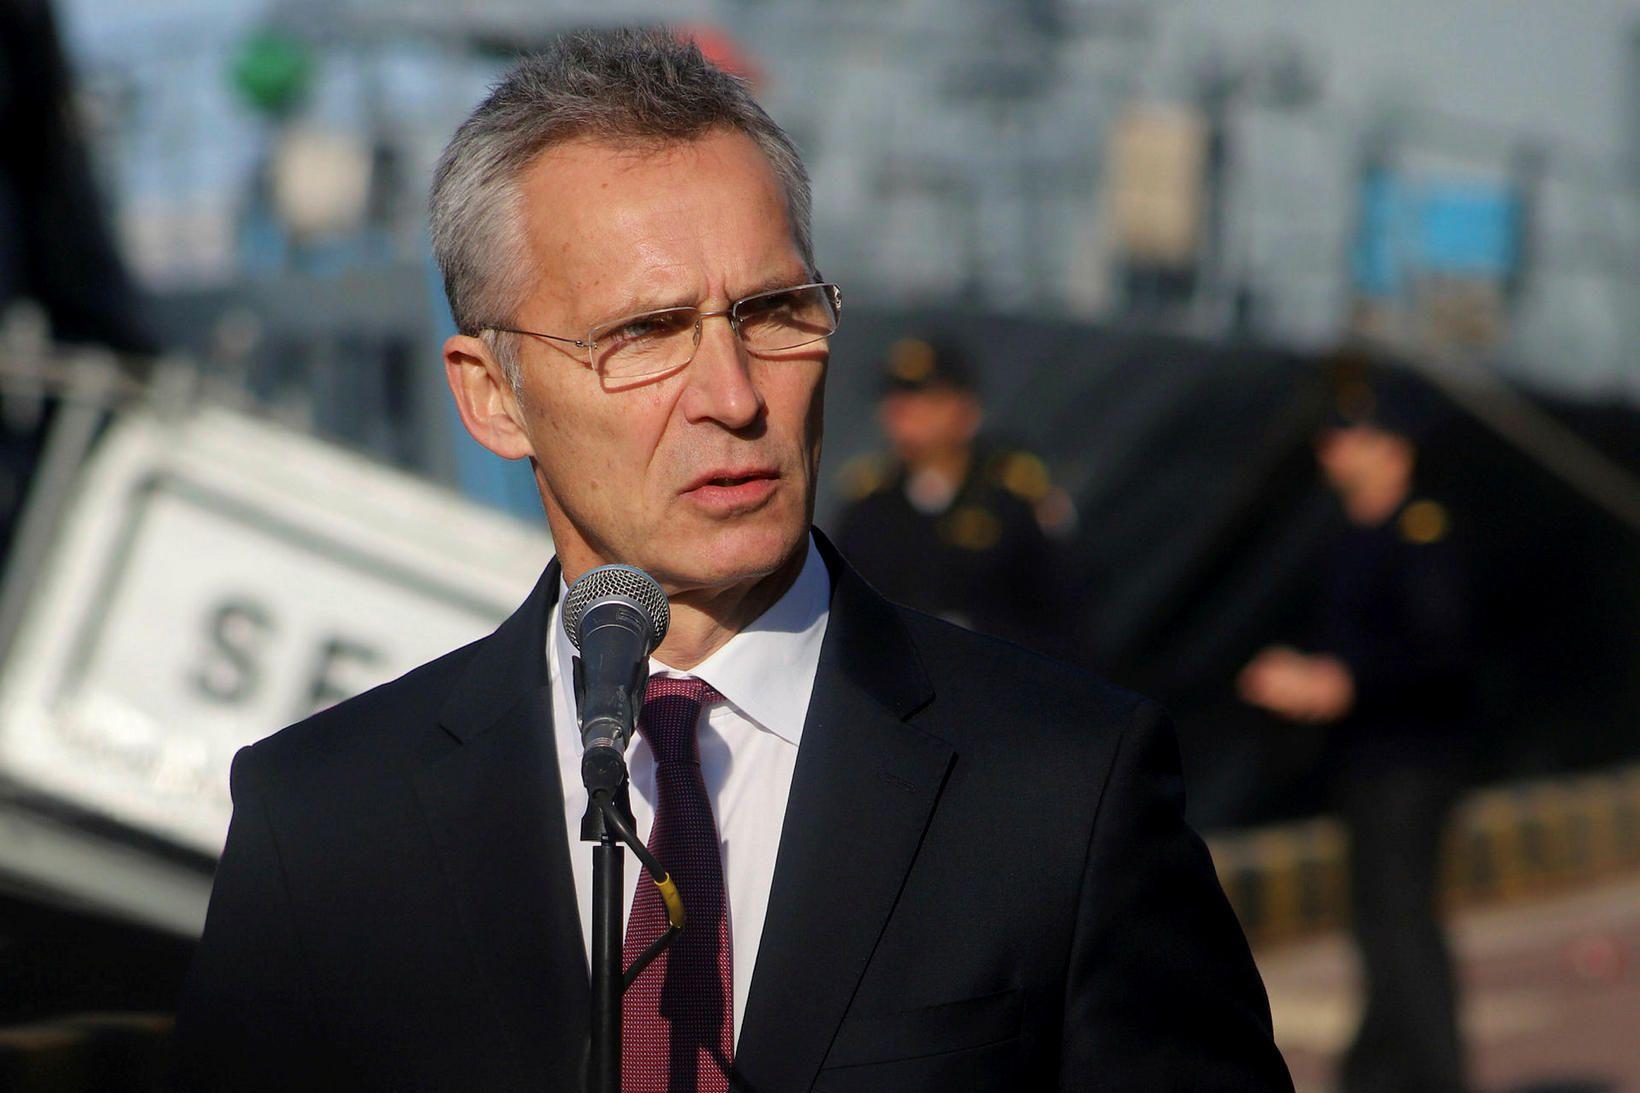 Jens Stoltenberg ræddi við fréttamenn í hafnarborginni Odessa í Úkraínu …